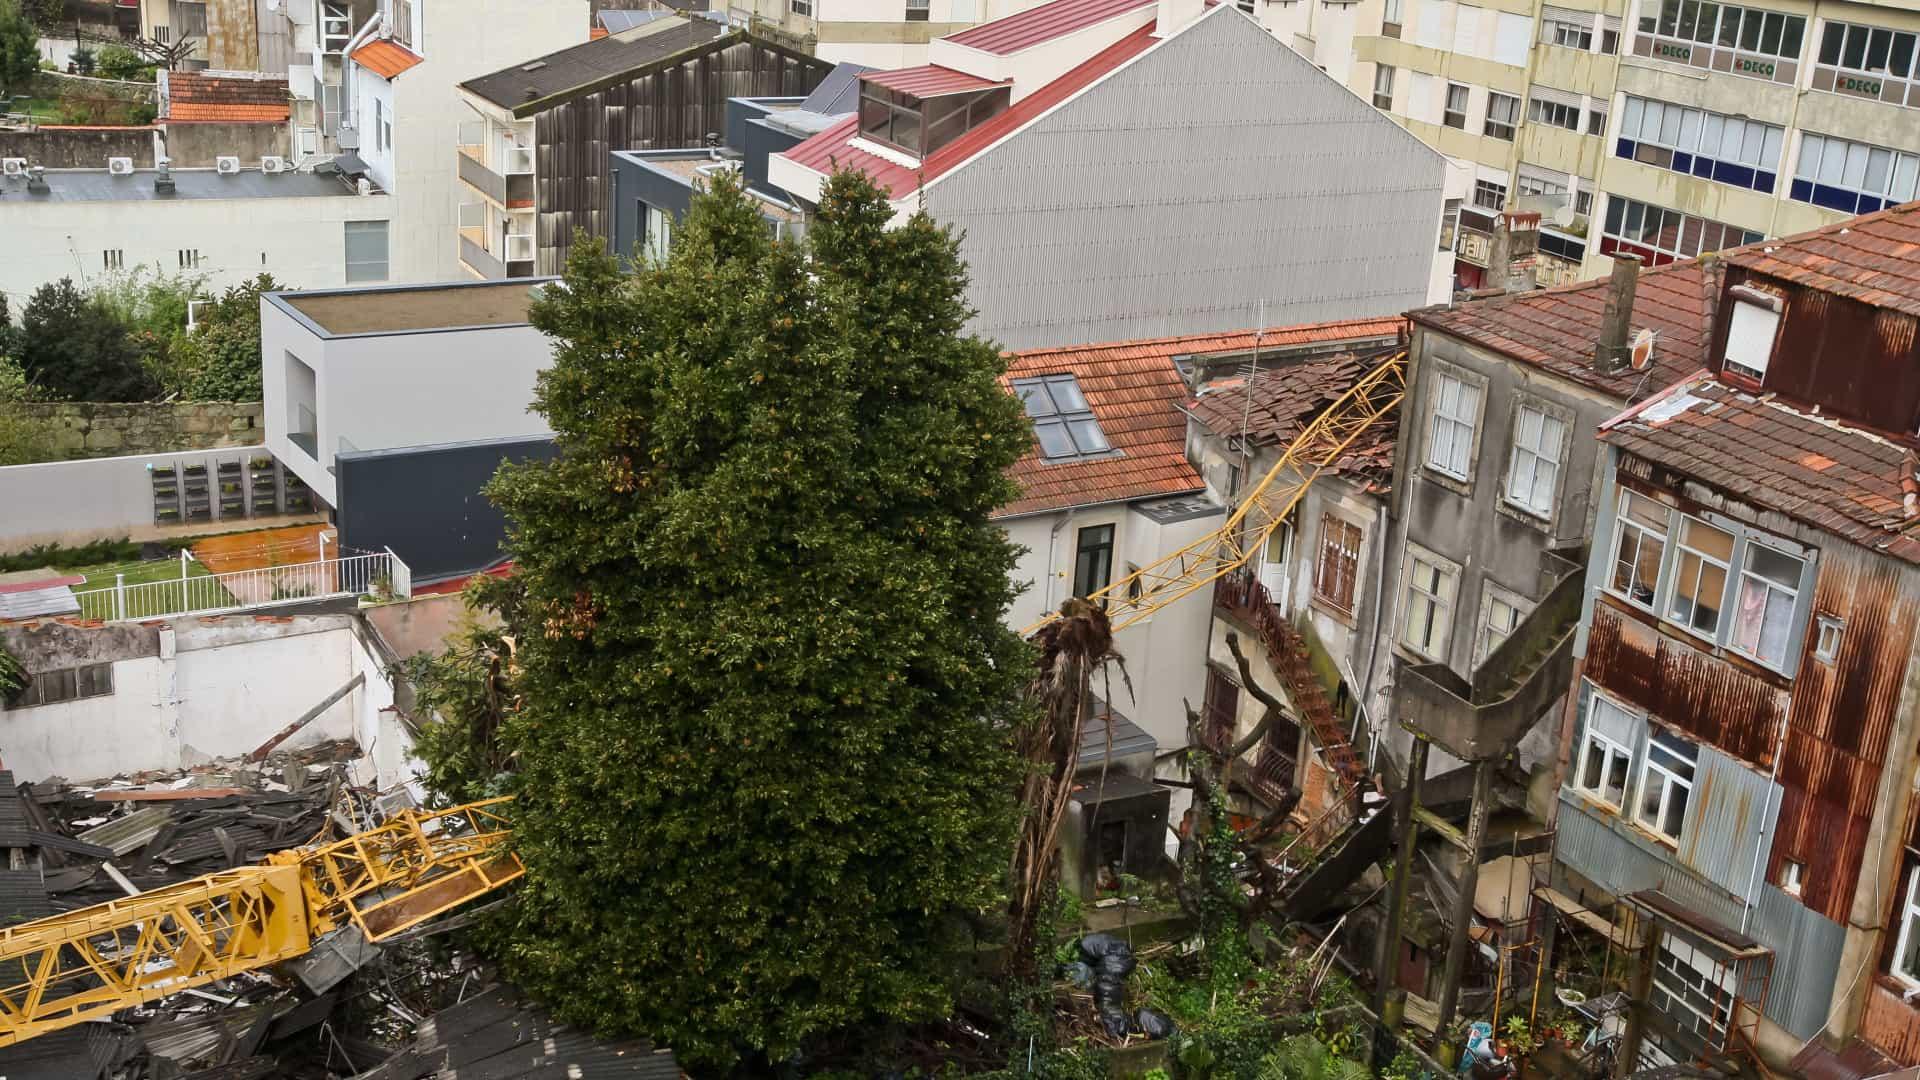 Acidente com grua de grande porte na Rua da Torrinha, no Porto, em fevereiro passado. / Notícias ao Minuto